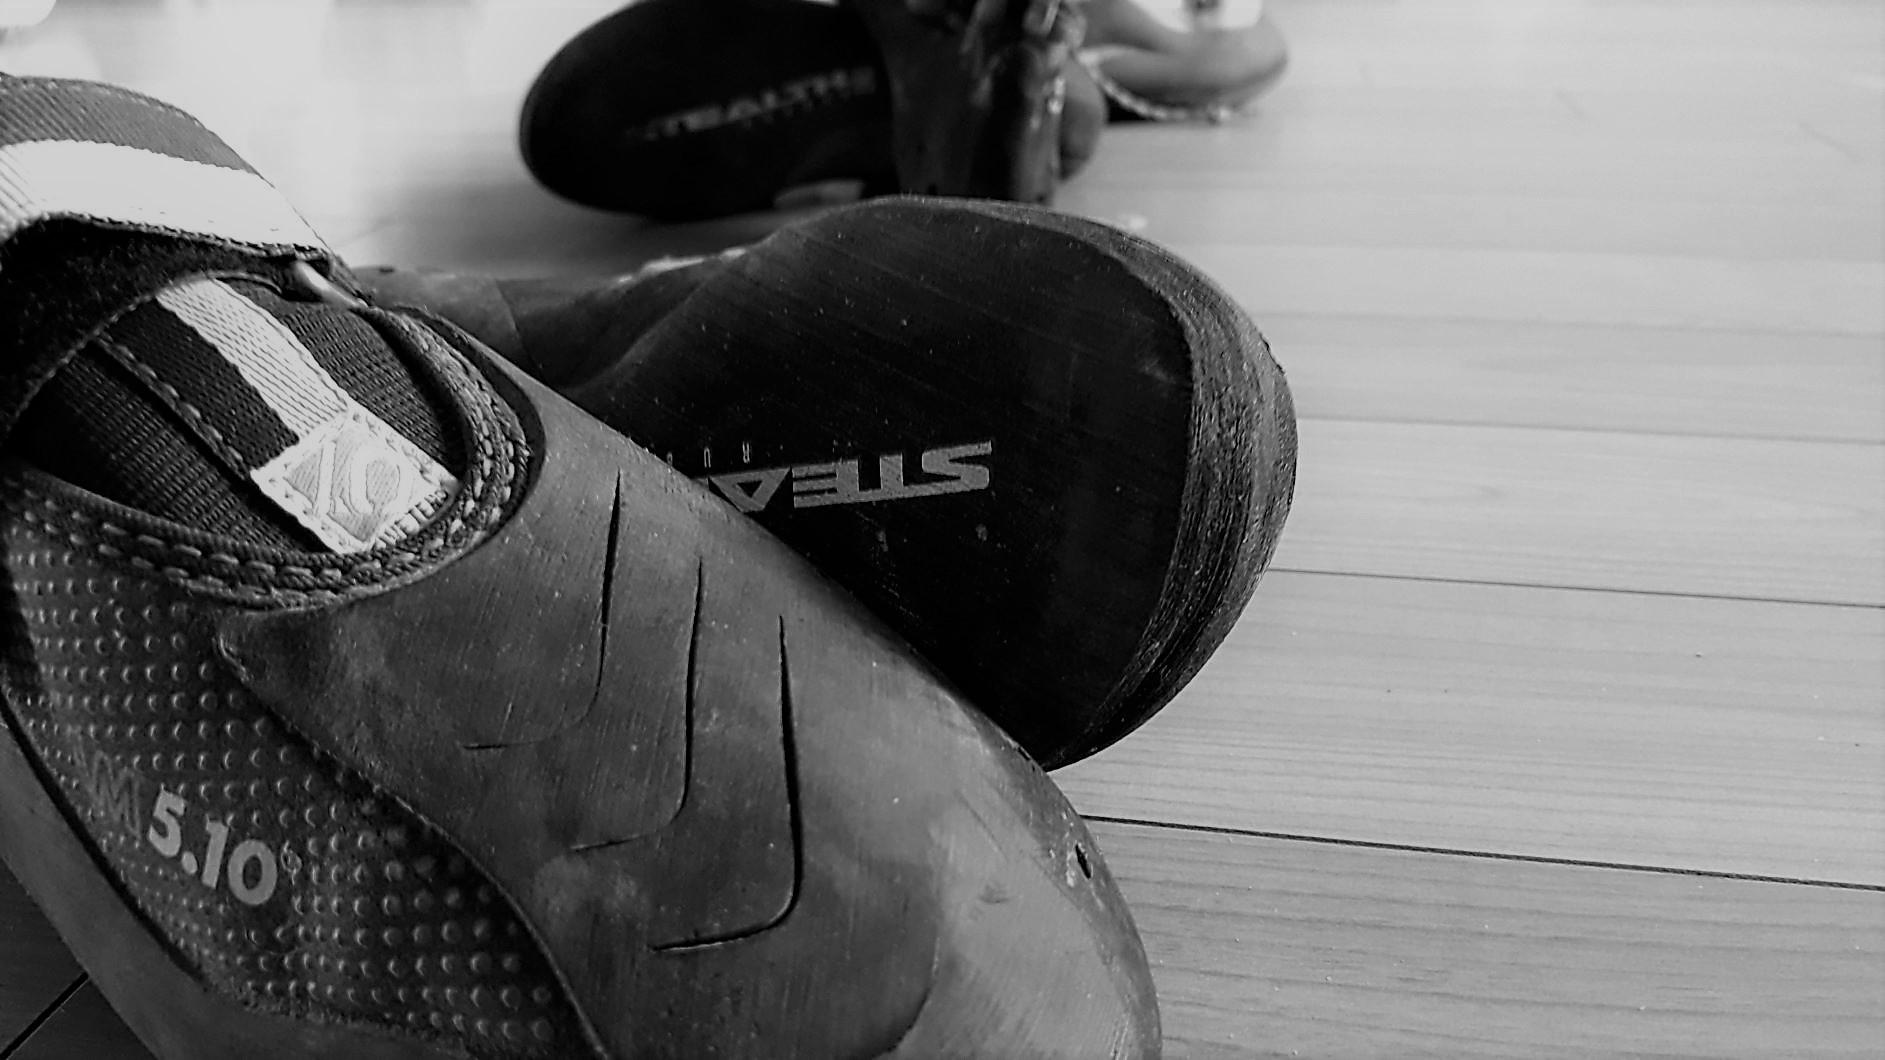 Le scarpette di arrampicata devono fare male?